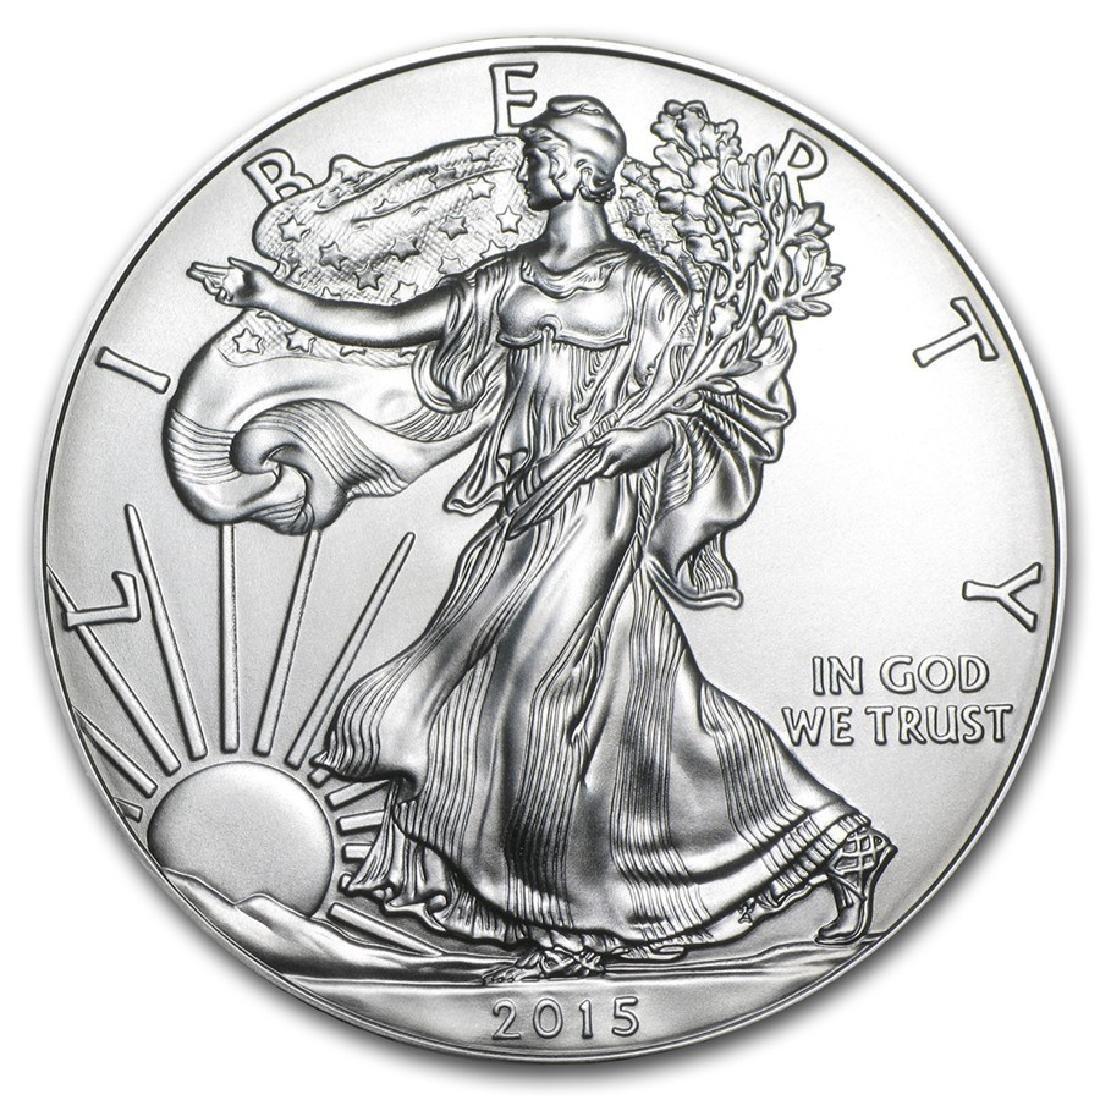 2015 1 oz American Eagle Silver Coin